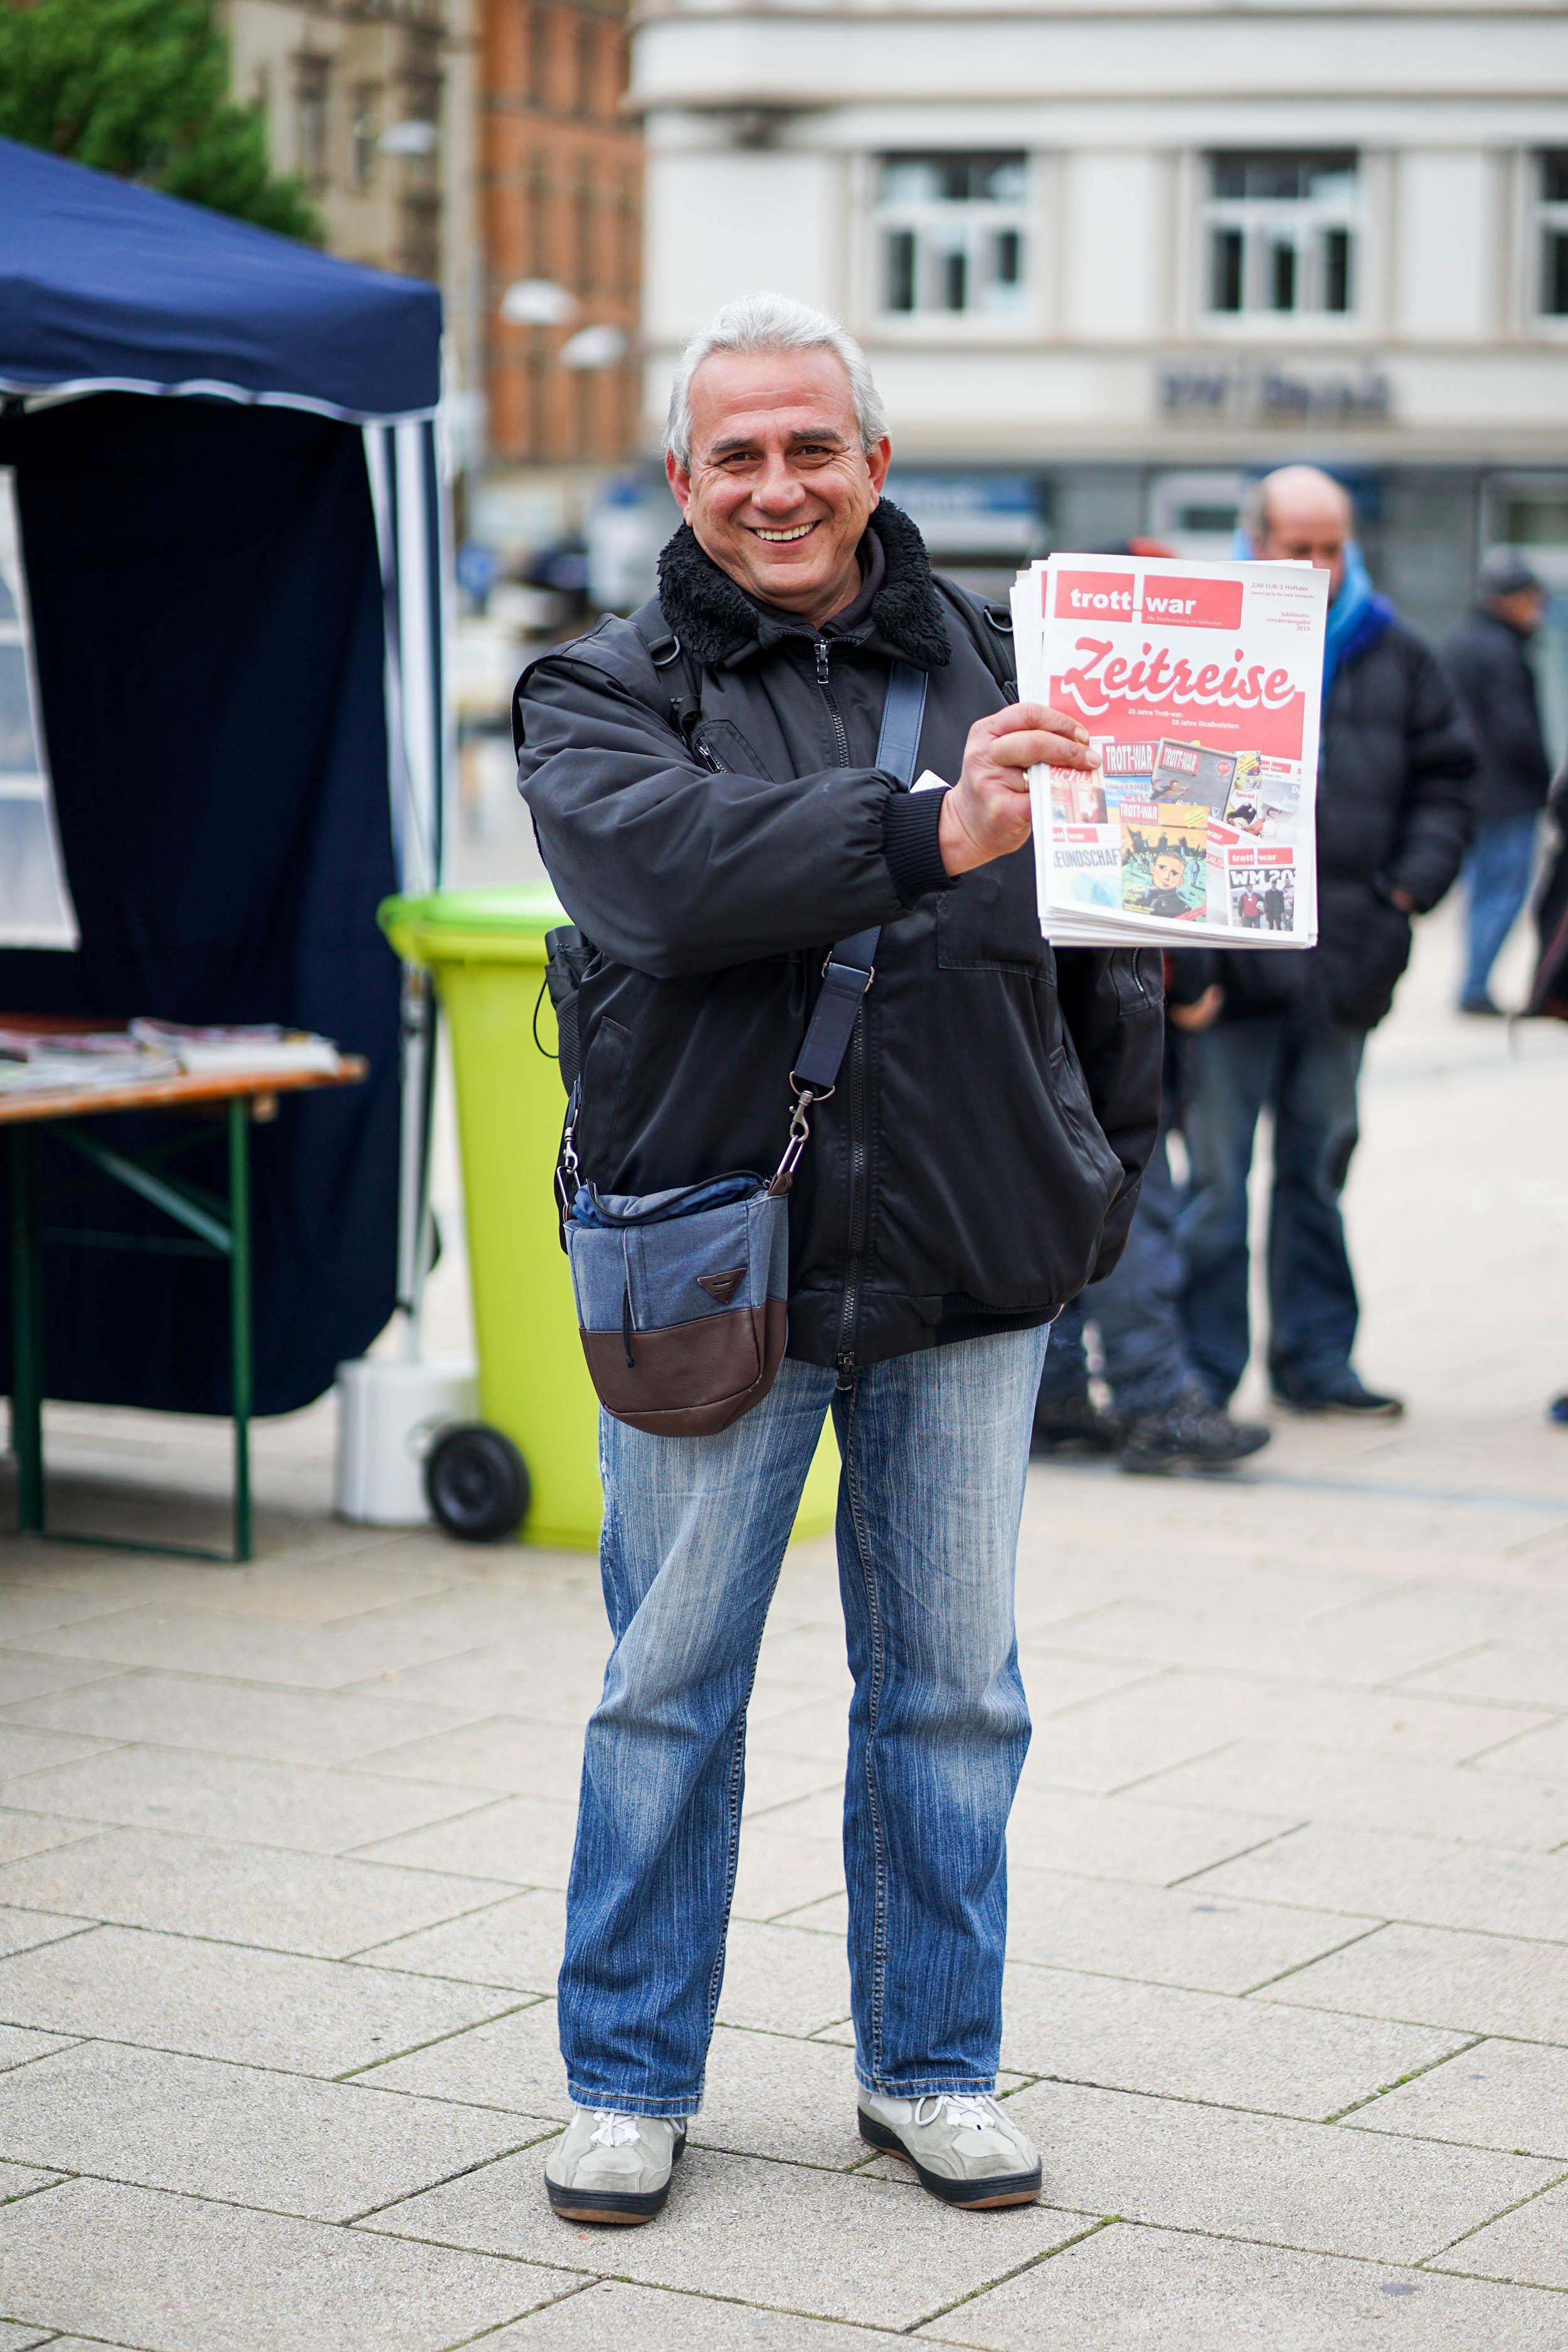 grauhaariger Verkäufer mit dunkelblauer Jacke hält Trott-war hoch und lacht